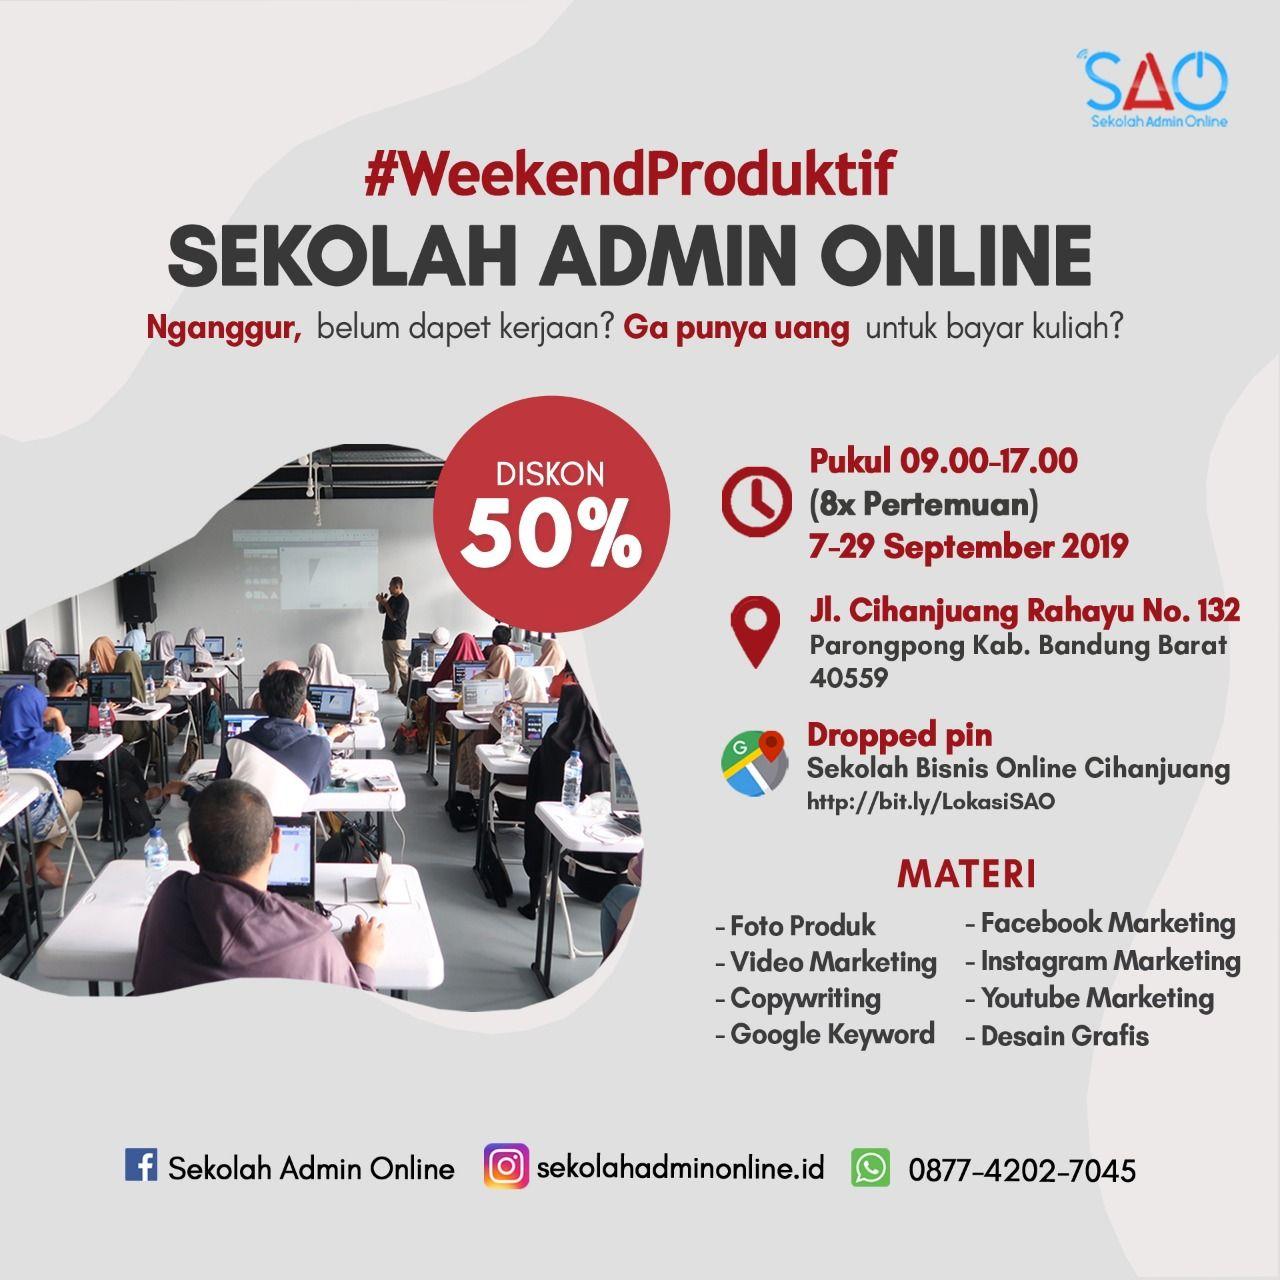 belajar bisnis online bandung kali pasar forex indonesia